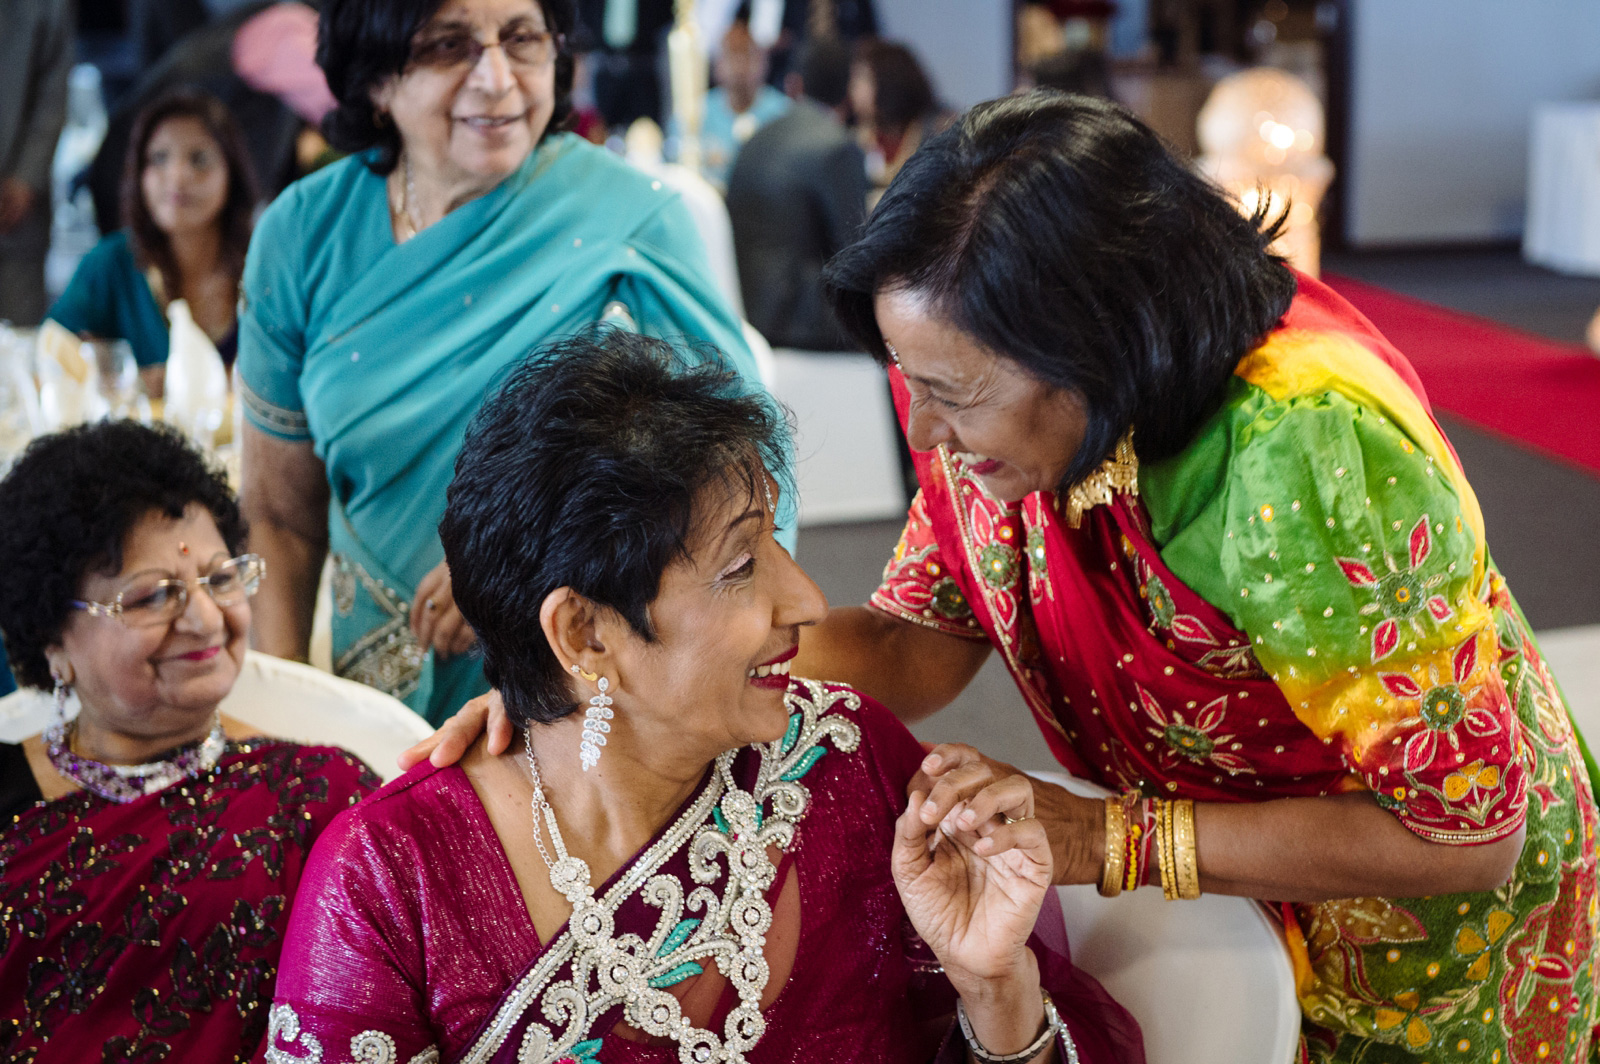 Colourful Saris